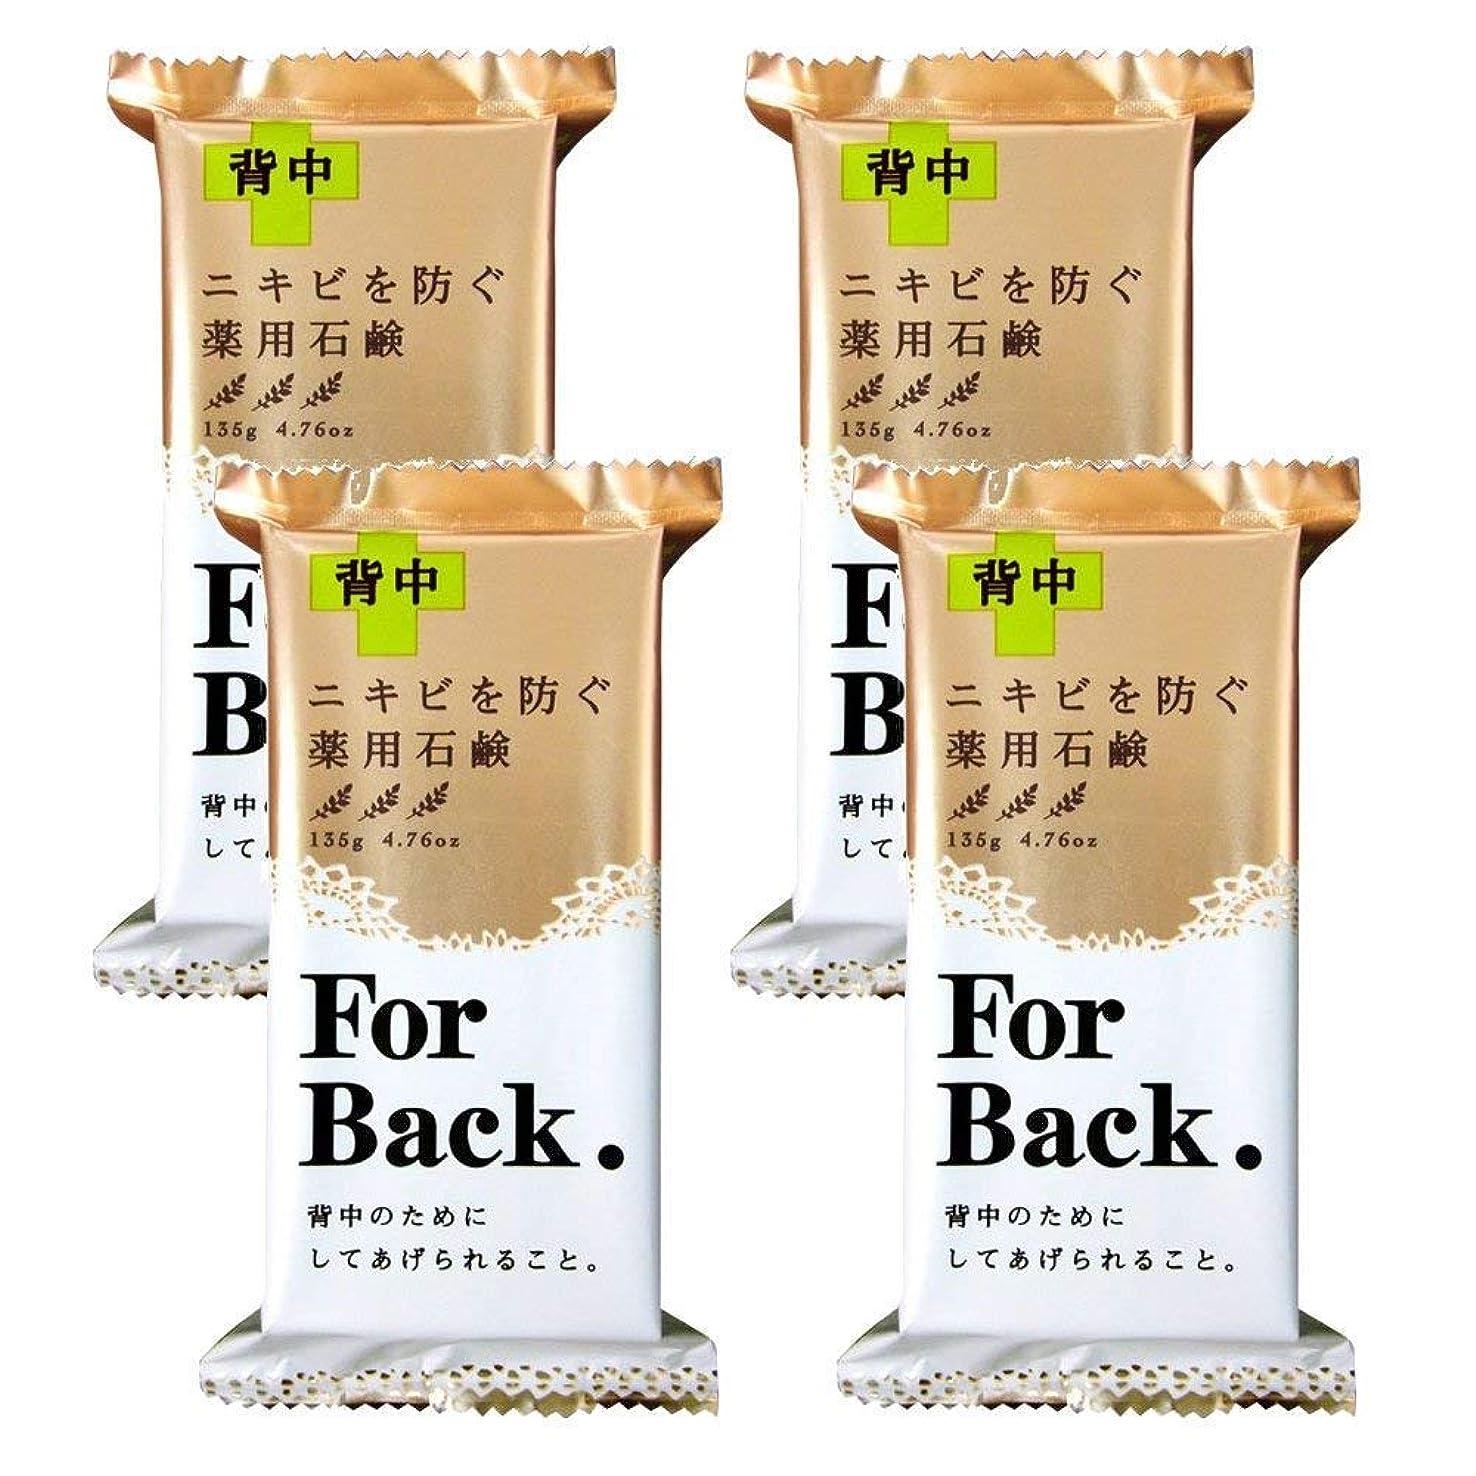 盲信暖かさすずめ薬用石鹸 ForBack 135g×4個セット